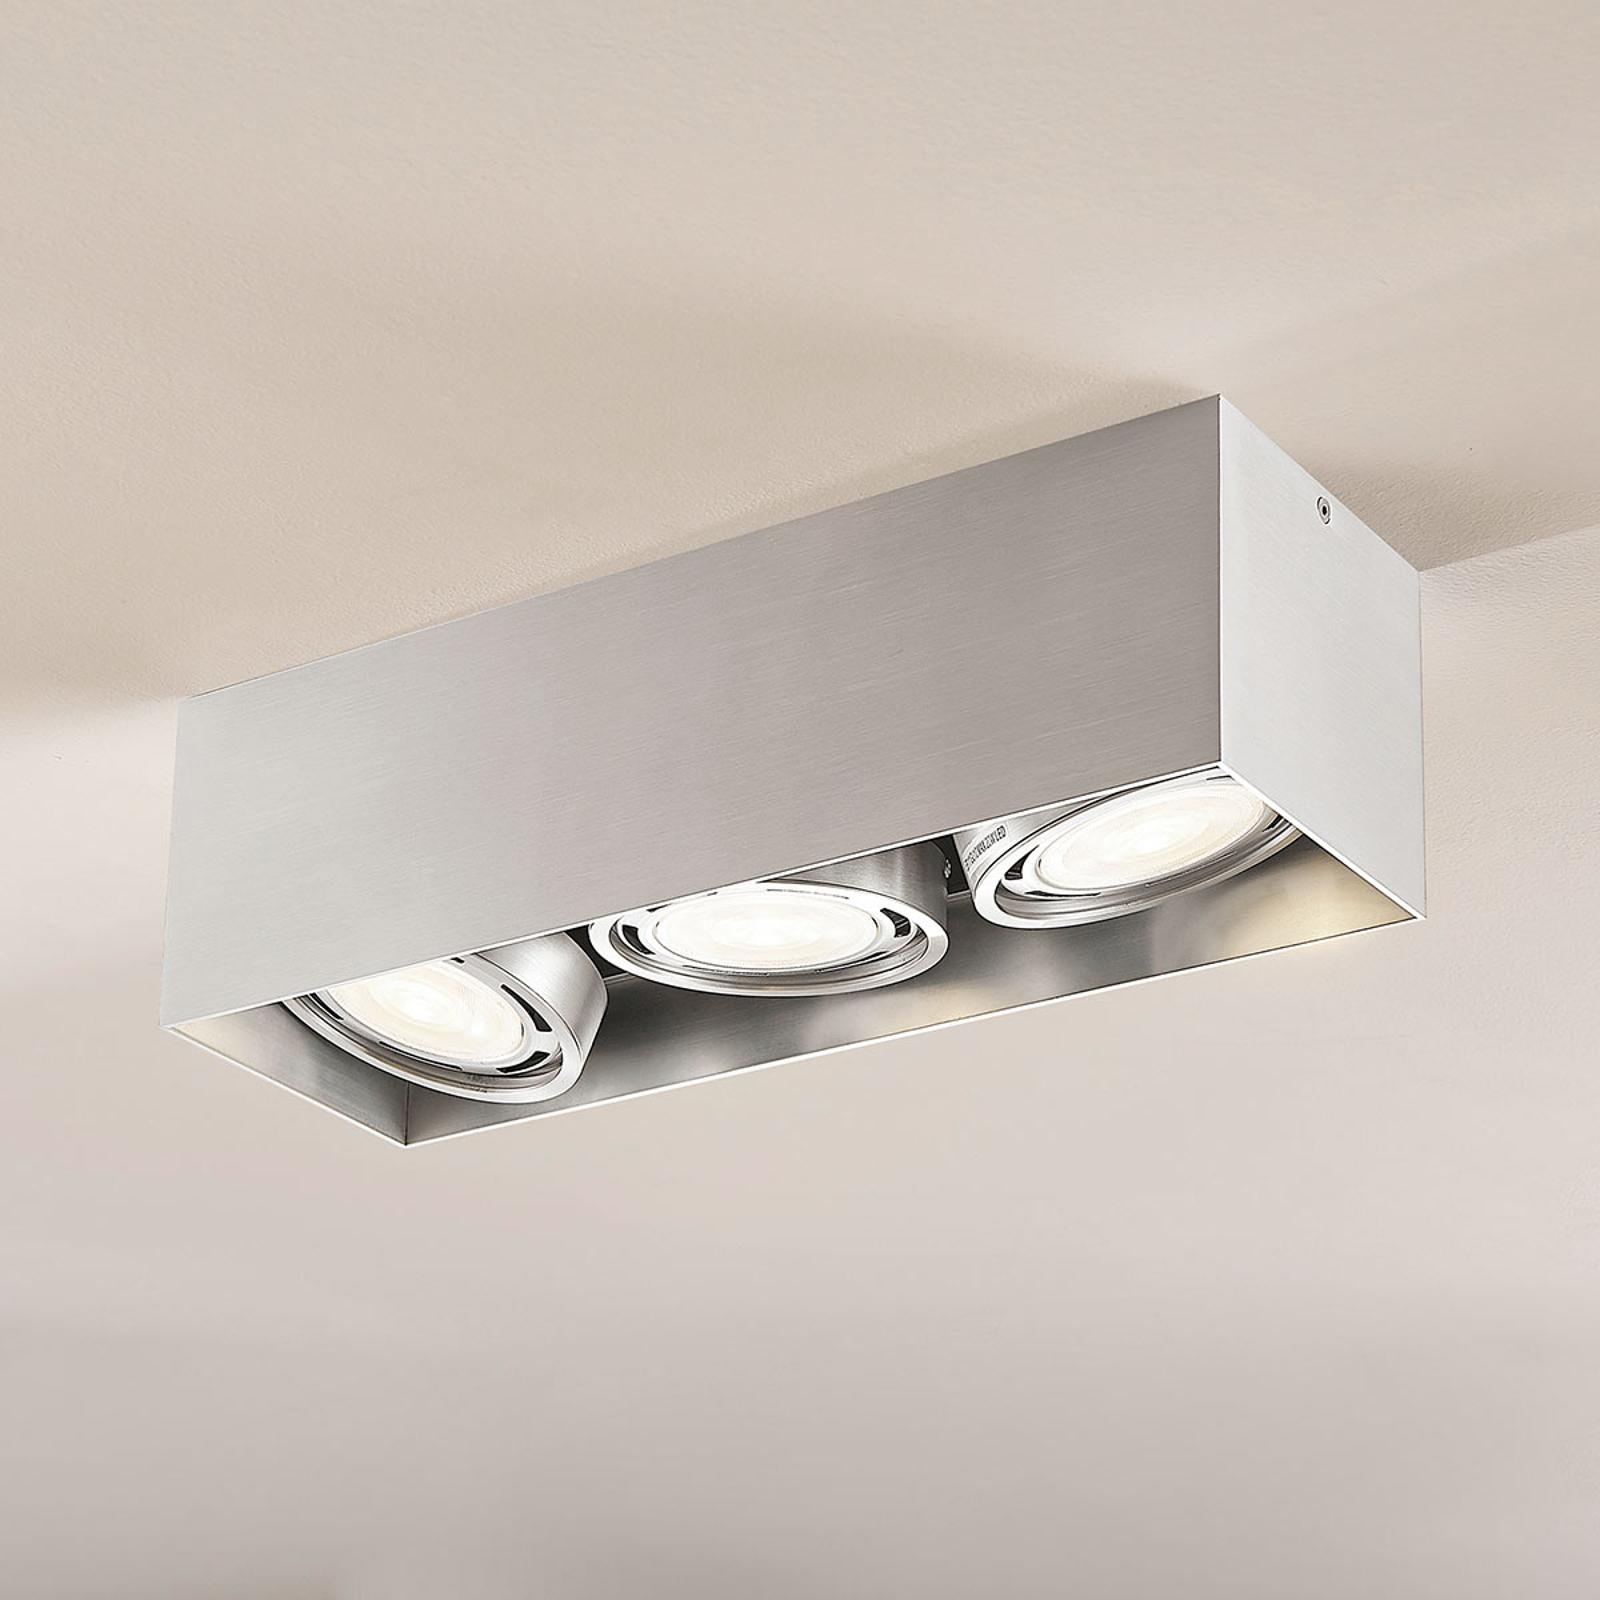 LED downlight Rosalie dimbaar hoekig 3-lamps alu